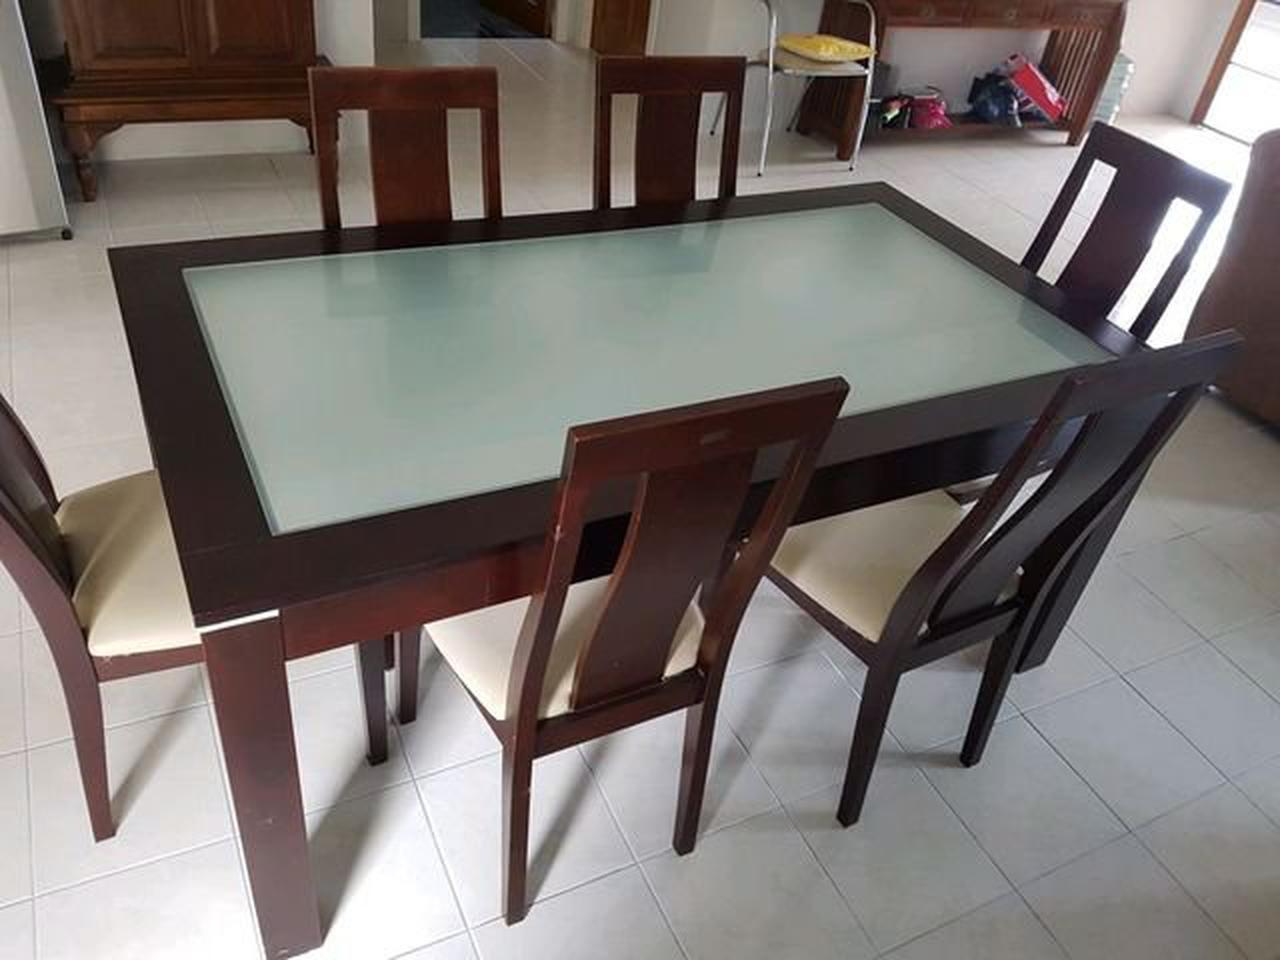 ชุดโต๊ะ พร้อมเก้าอี้ 6 ที่นั่ง  ขนาดโต๊ะ 165x90 cm. รูปที่ 2